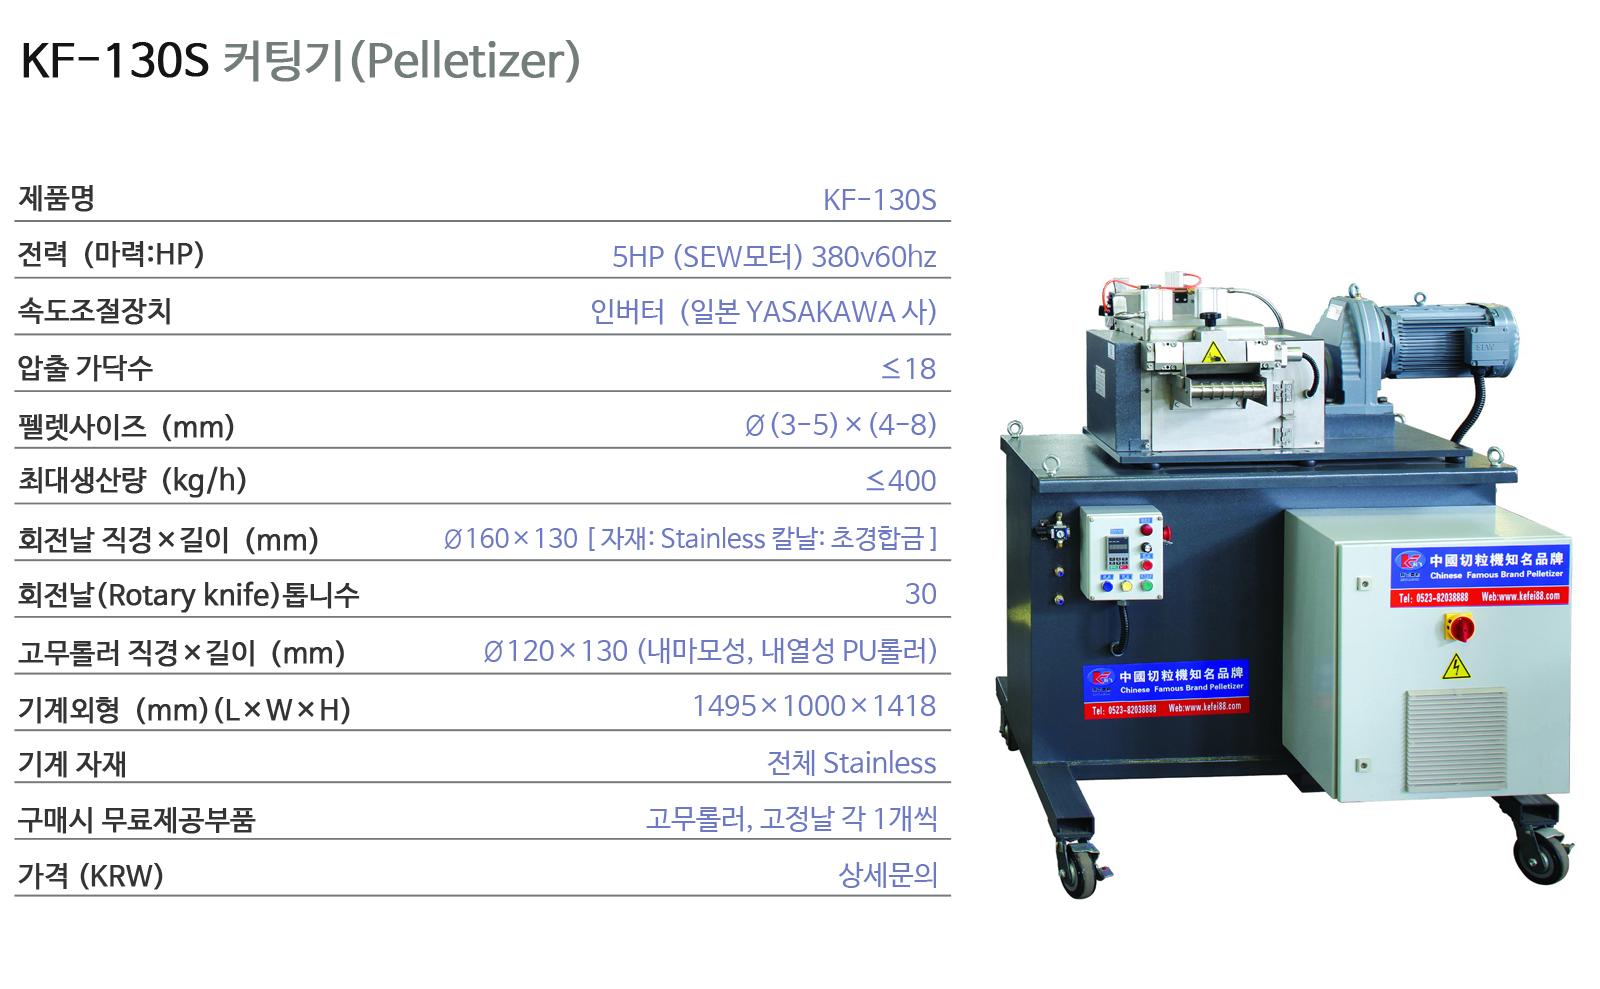 KF-130S 커팅기(고급) copy.jpg